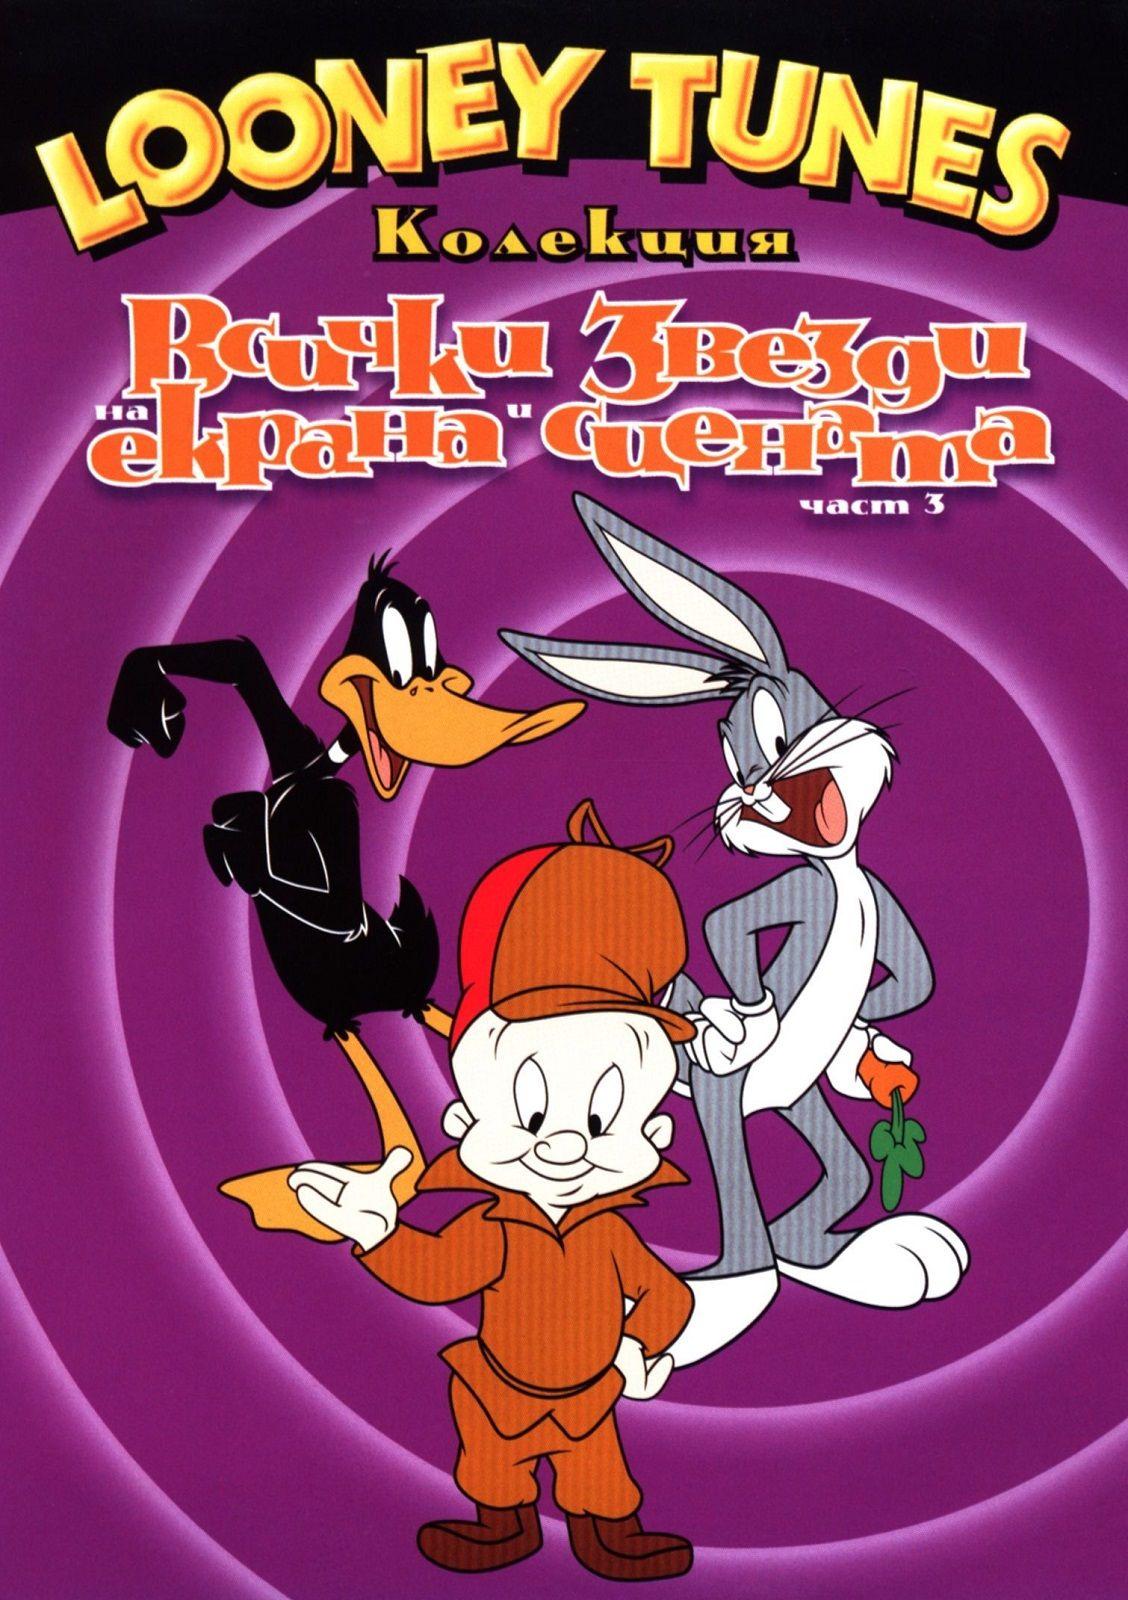 Looney Tunes колекция: Всички звезди на екрана и сцената - Част 3 (DVD) - 1